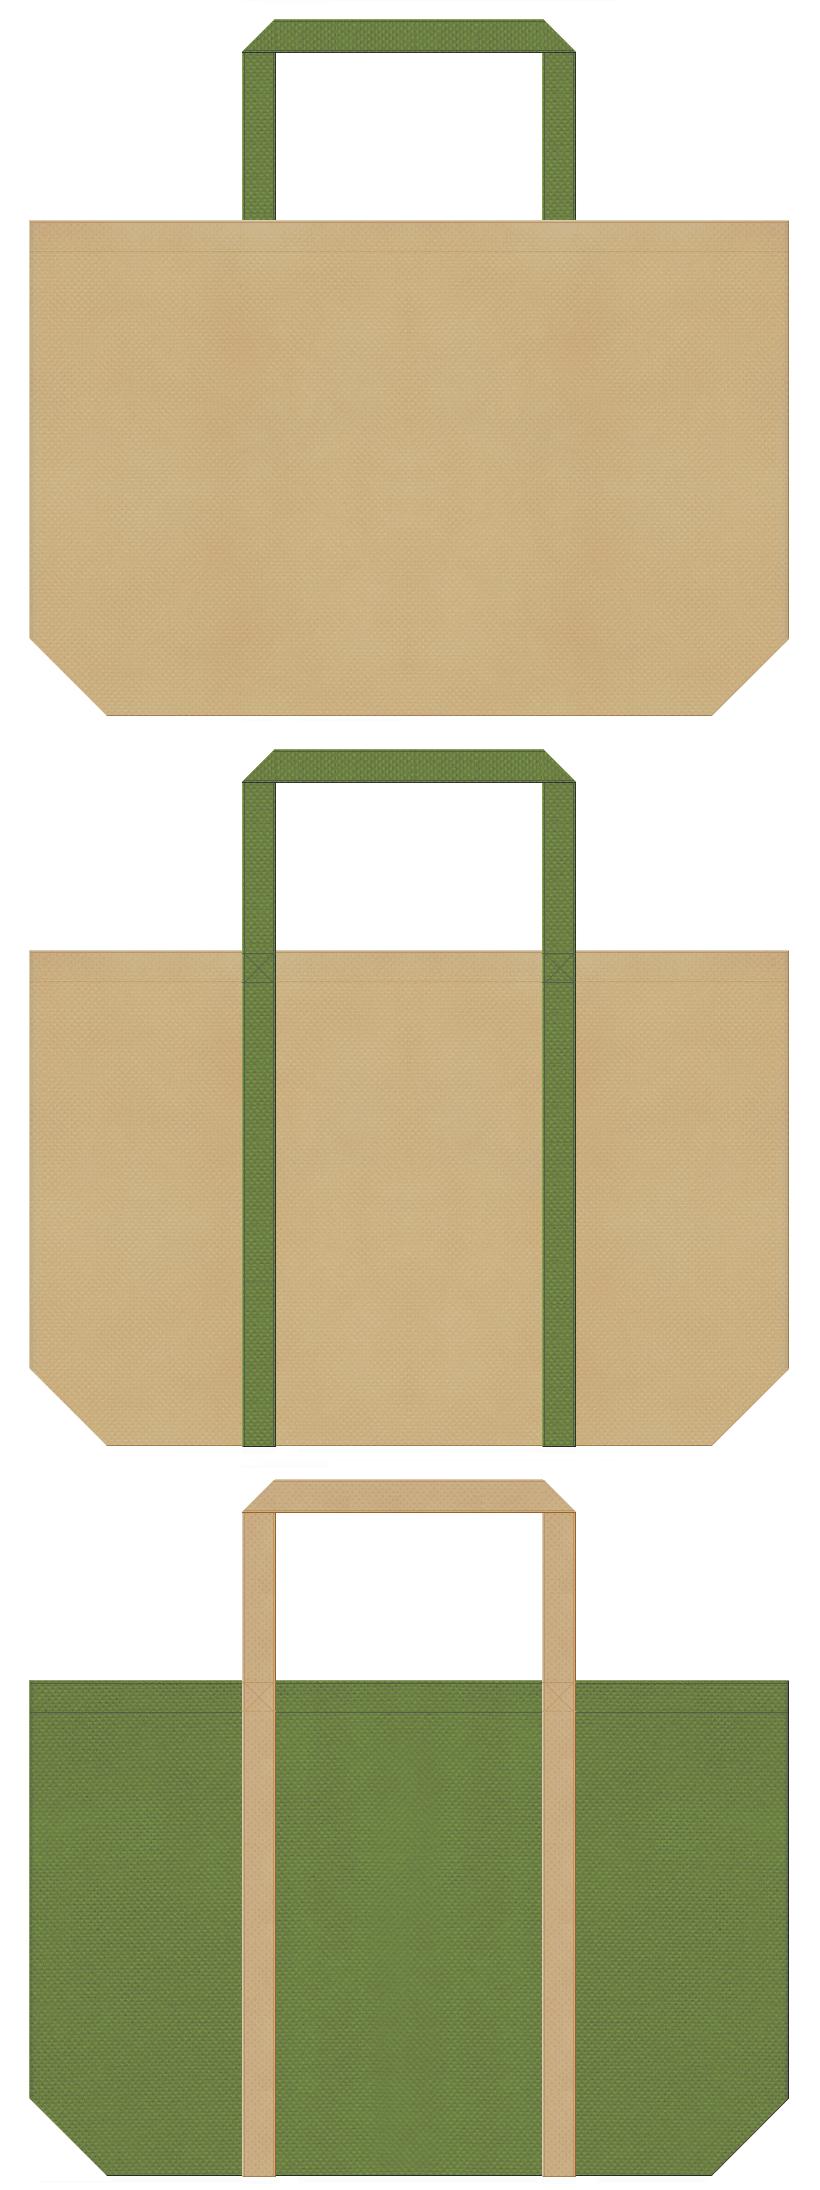 ざるそば・割烹・もなか・和菓子・和風催事・草庵・旅館・和室・インテリア・畳・桶・樽・籠・竹製品・茶器・草履・草鞋・観光土産・民芸品のショッピングバッグにお奨めの不織布バッグデザイン:カーキ色と草色のコーデ